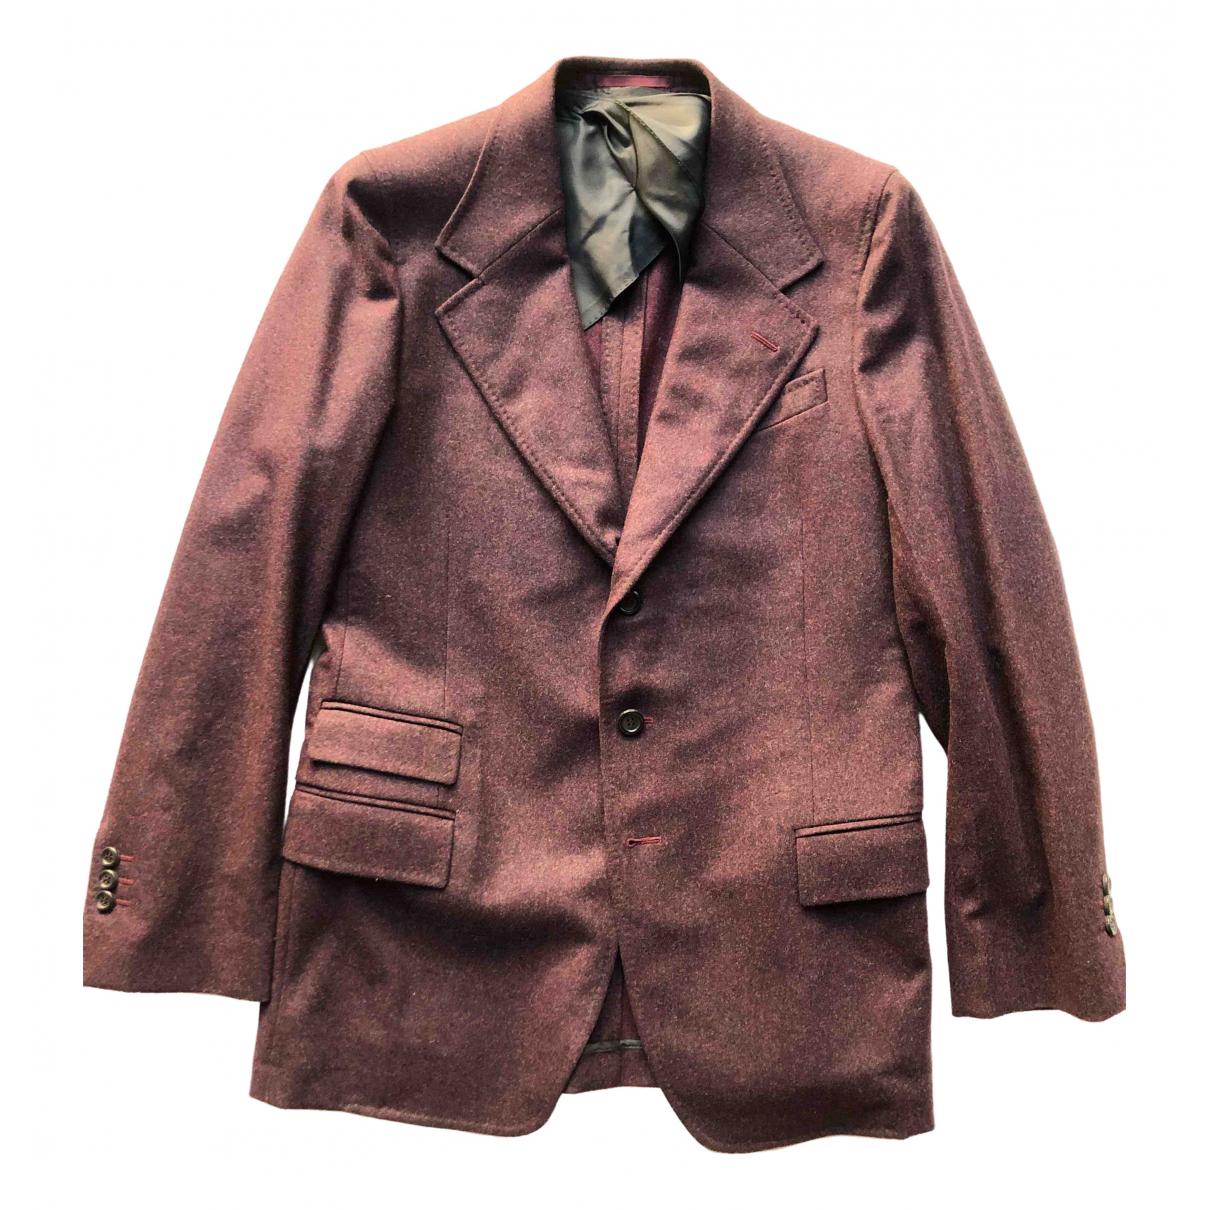 Yves Saint Laurent - Vestes.Blousons   pour homme en laine - bordeaux